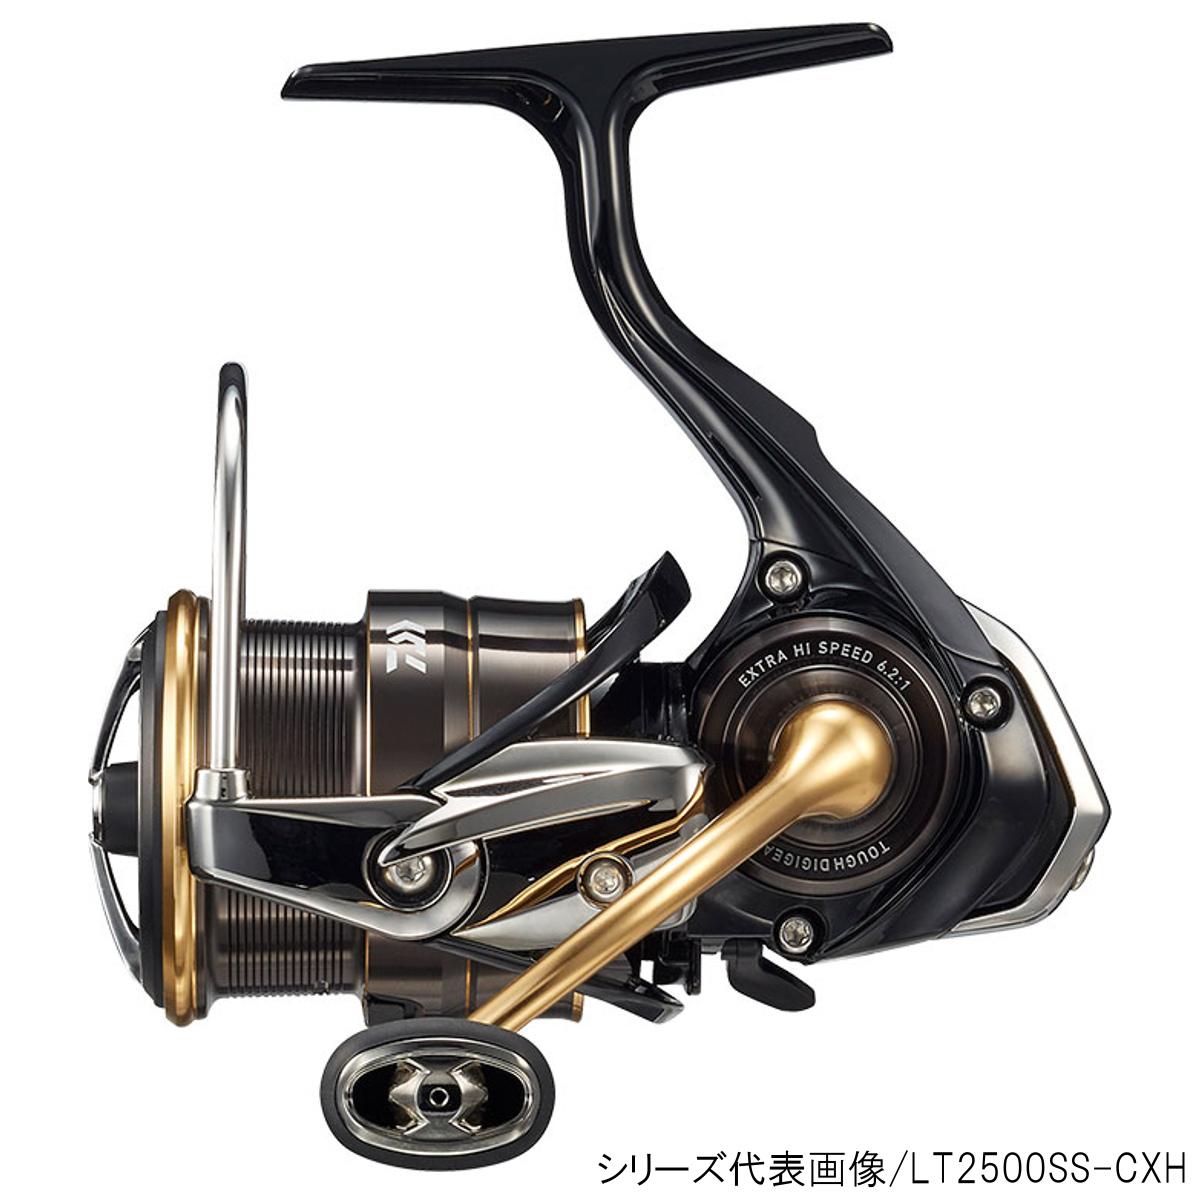 【8日最大8千円オフクーポン!】ダイワ バリスティック LT2000SS-P